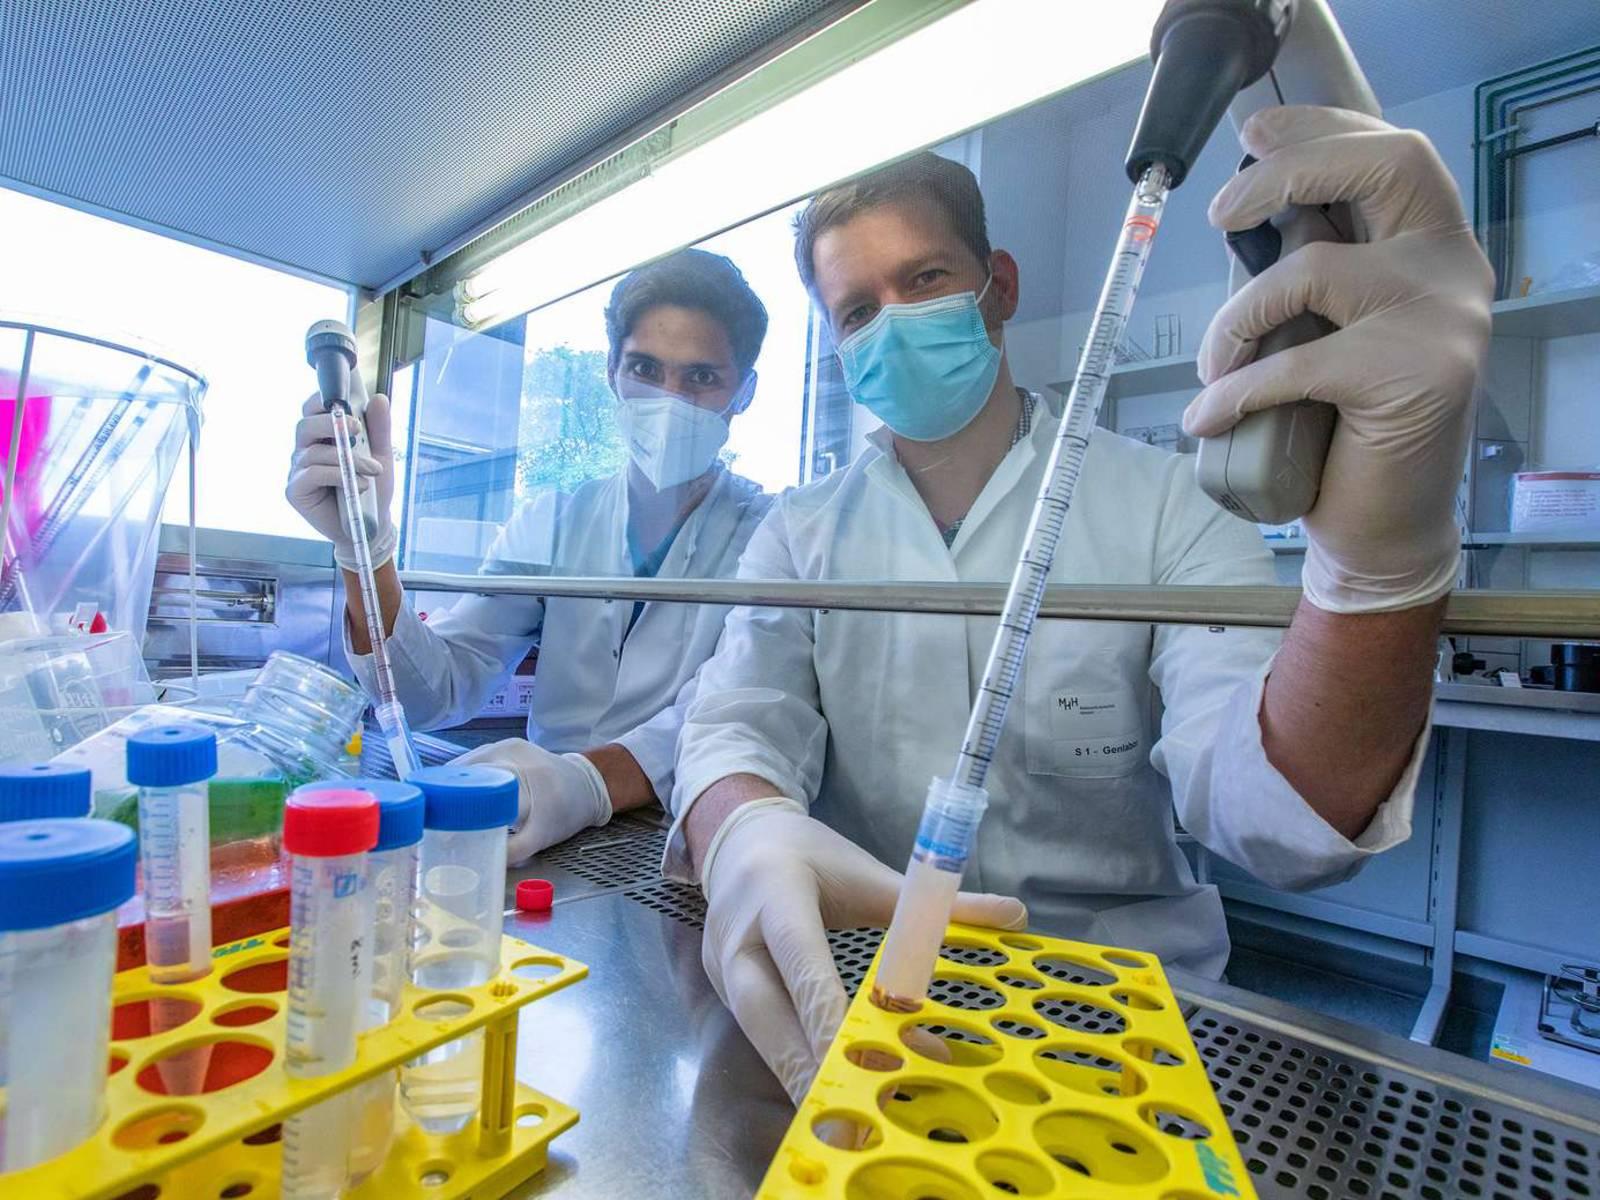 Dr. Simon Krooss (links) und Dr. Patrick Behrendt beim Pipettieren an einer sterilen Werkbank in einem Zellkultur-Labor der MHH.